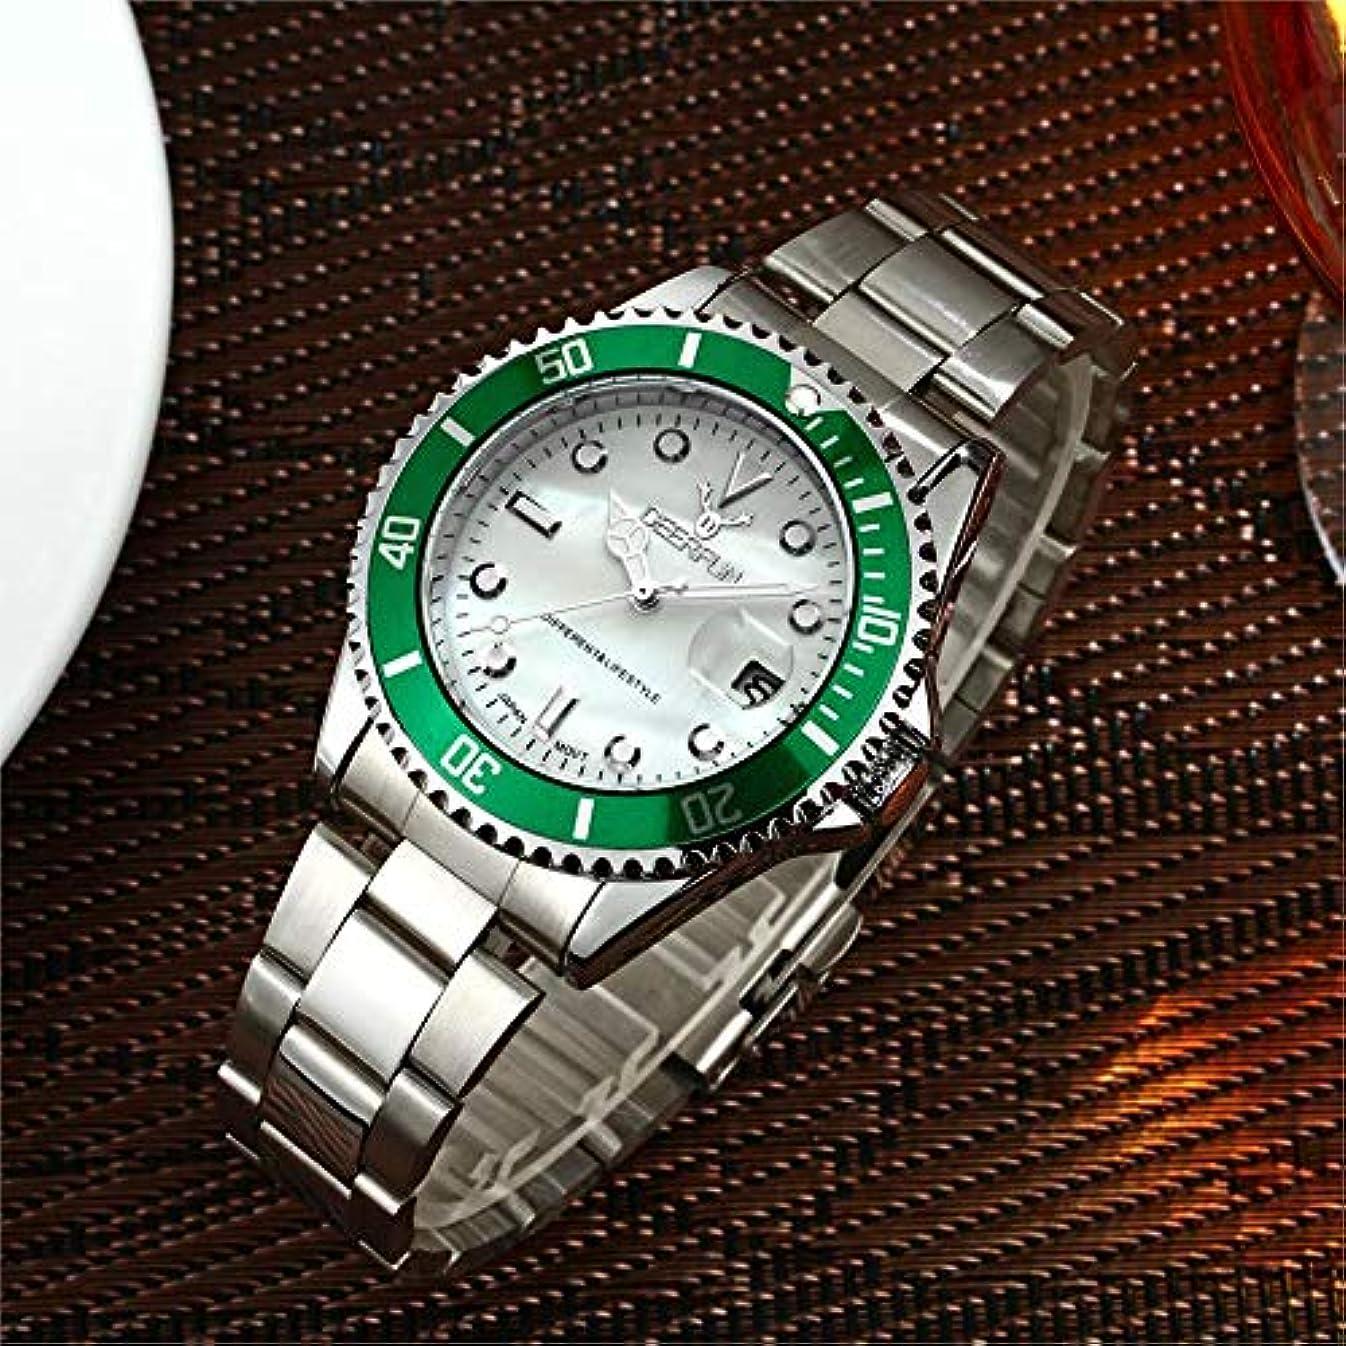 悲劇プロポーショナル線防水腕時計メンズ高級ブランドカジュアルステンレススチールスポーツ腕時計クォーツ腕時計メンズ腕時計 (H)